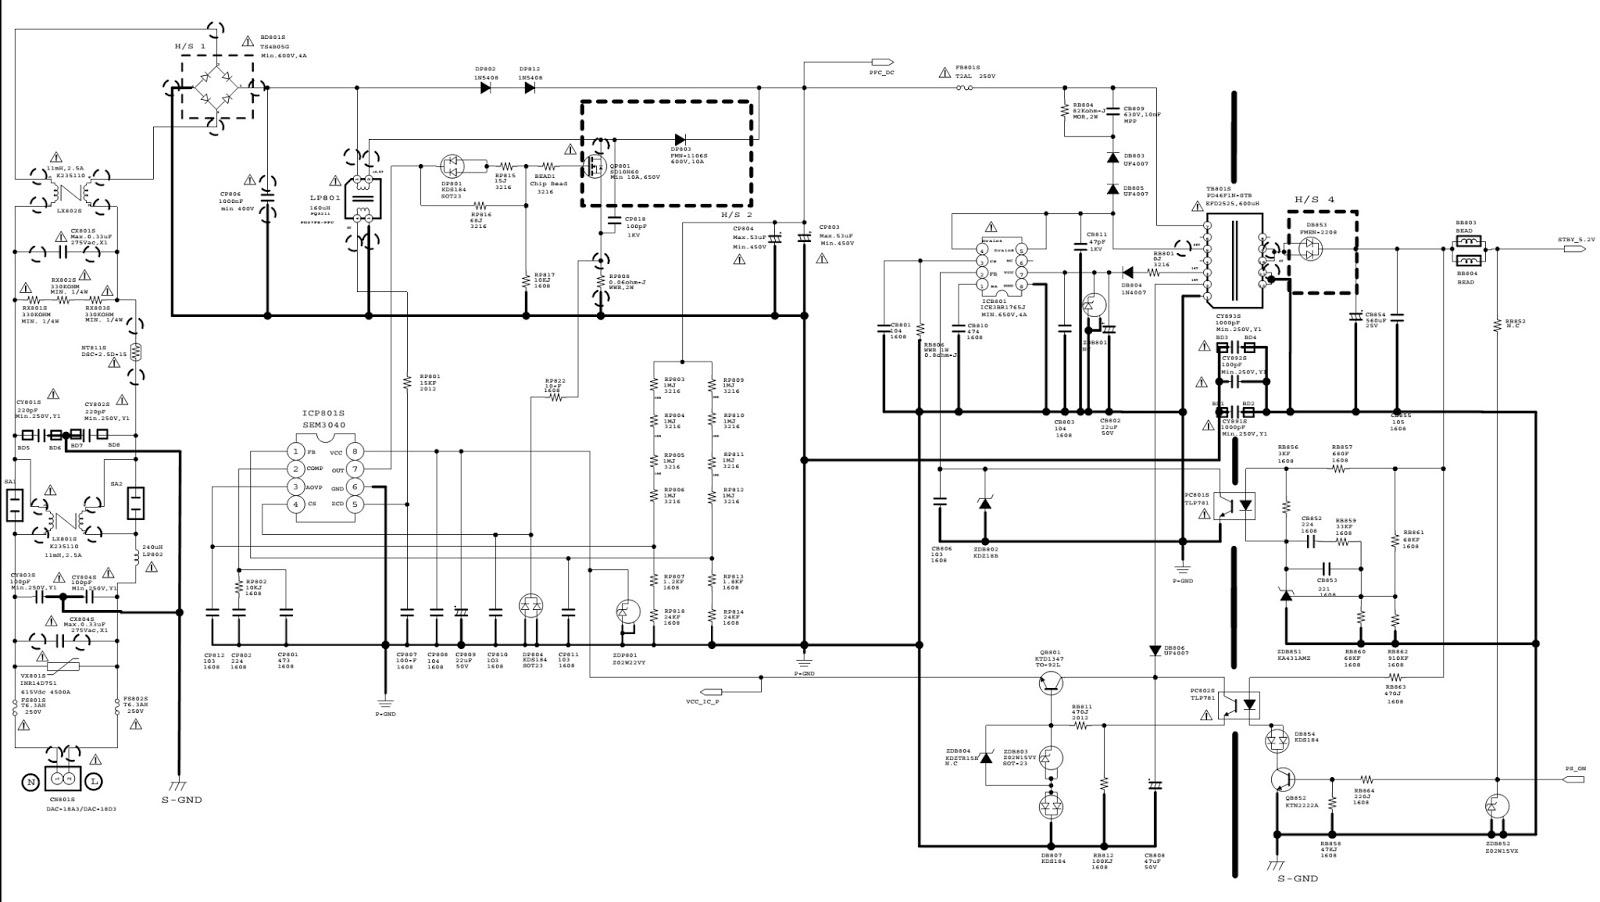 hight resolution of samsung dlp schematics samsung 60 quot tv elsavadorla samsung washer wiring diagram samsung refrigerator schematic diagram